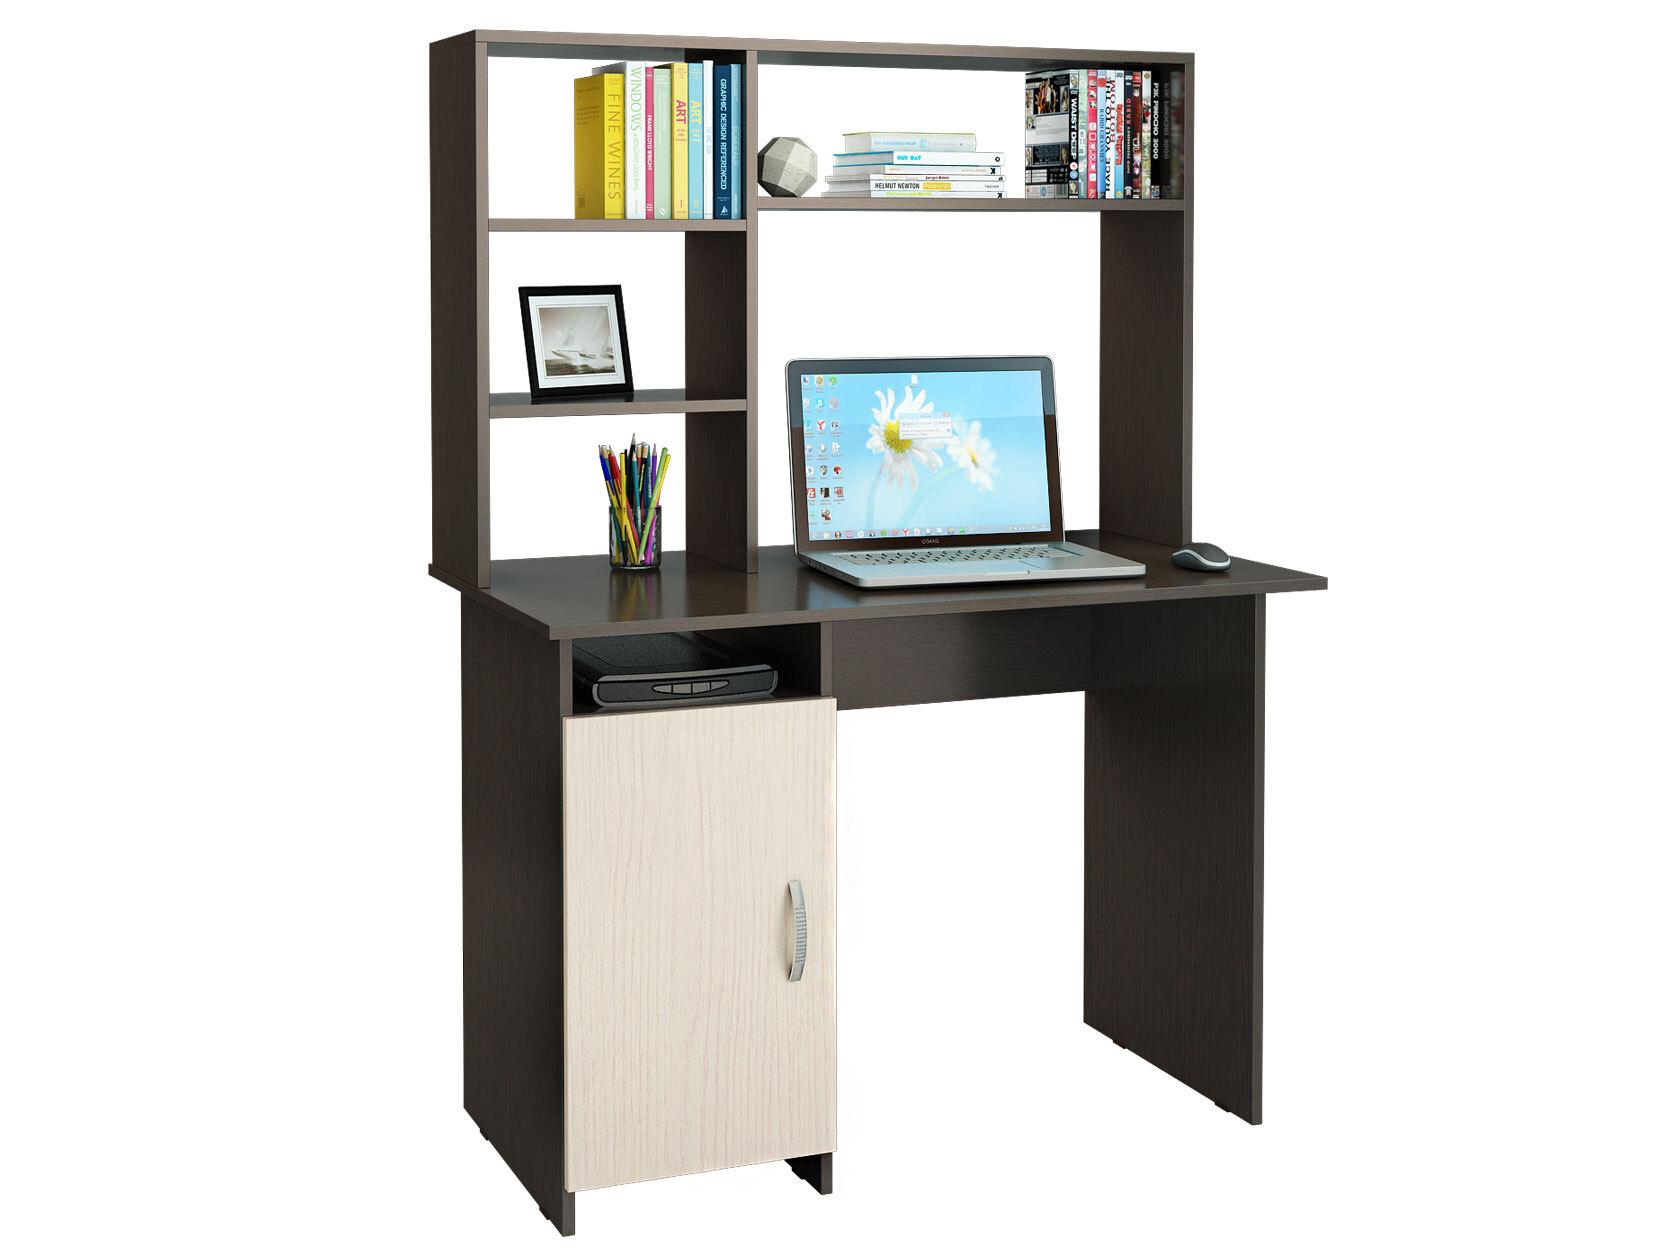 Компьютерный стол МФ Мастер Милан-8 110x60x145, венге/дуб молочный фото